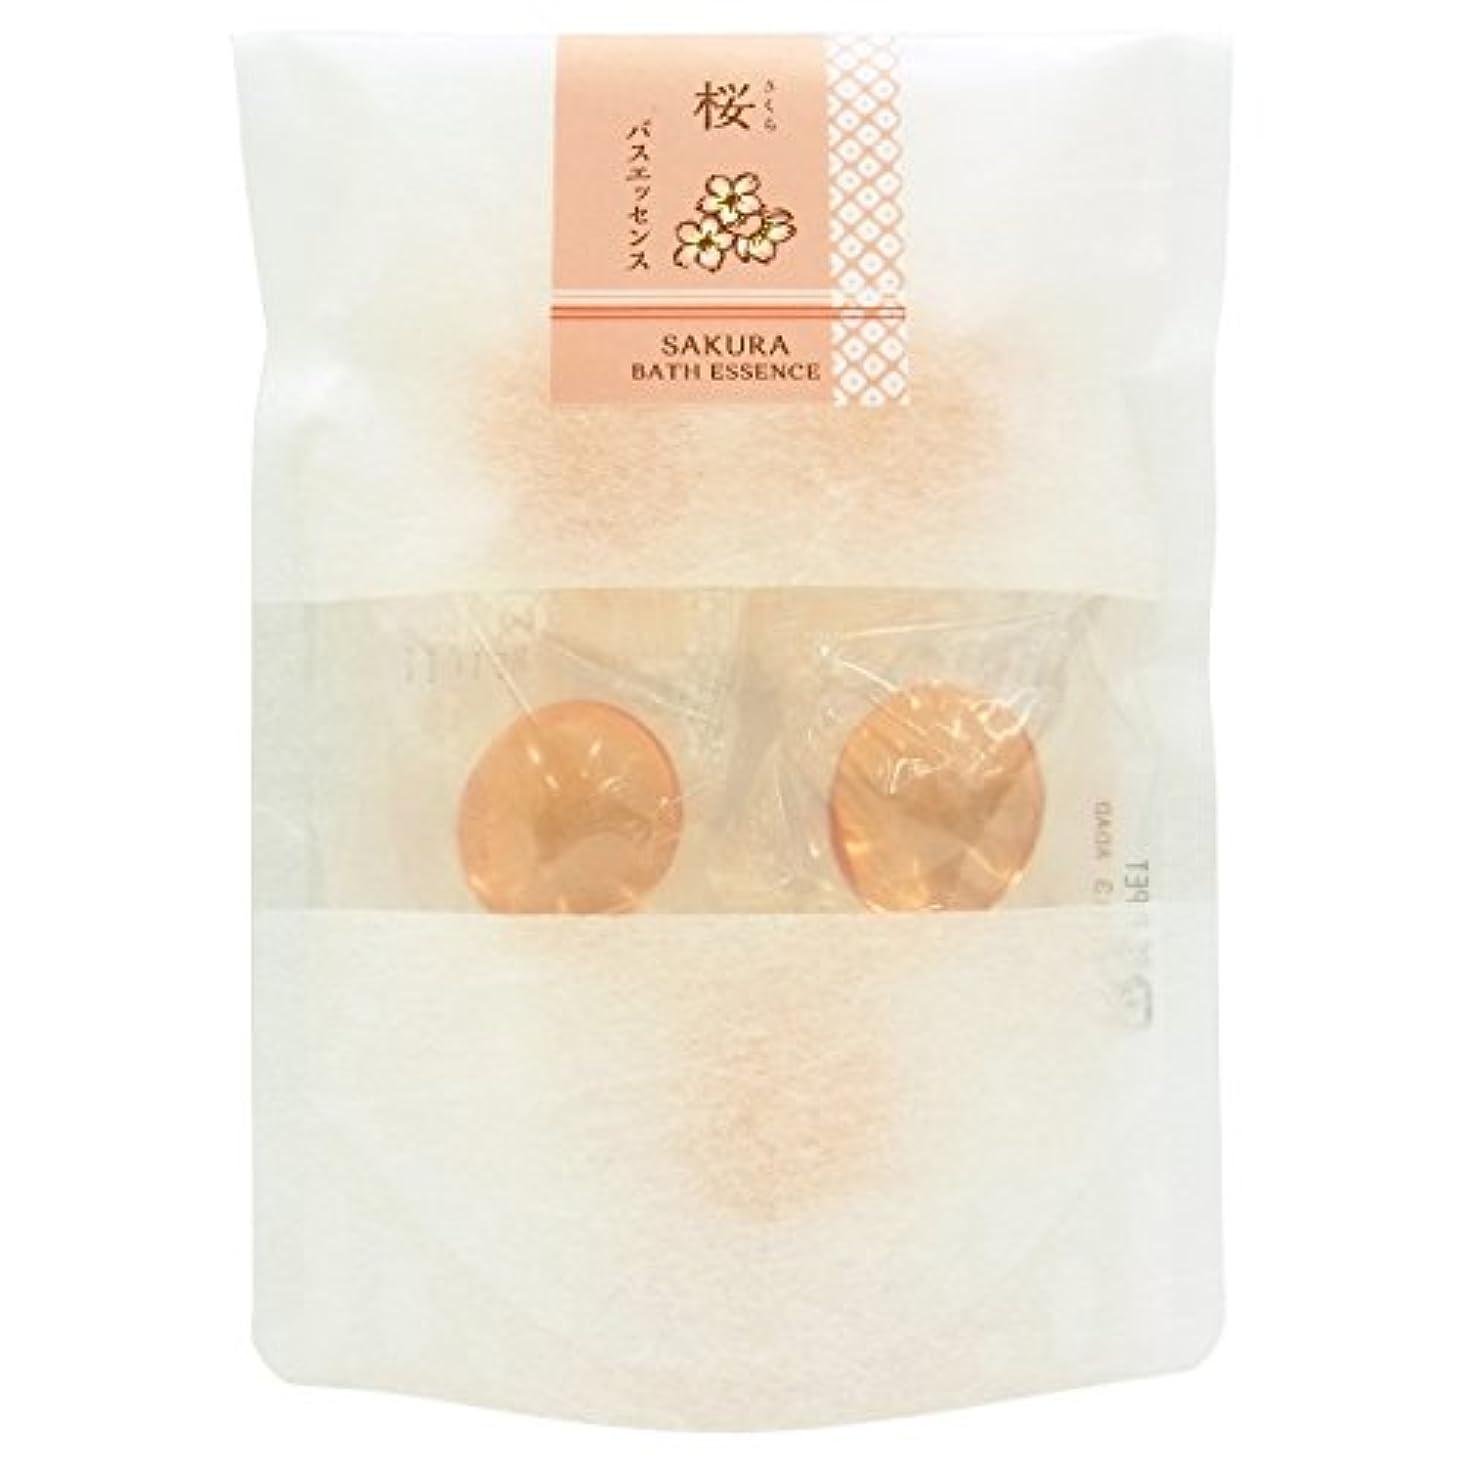 アーサーコナンドイルキャンバスなめらか和の湯 バスエッセンス 桜 (8g × 5個)